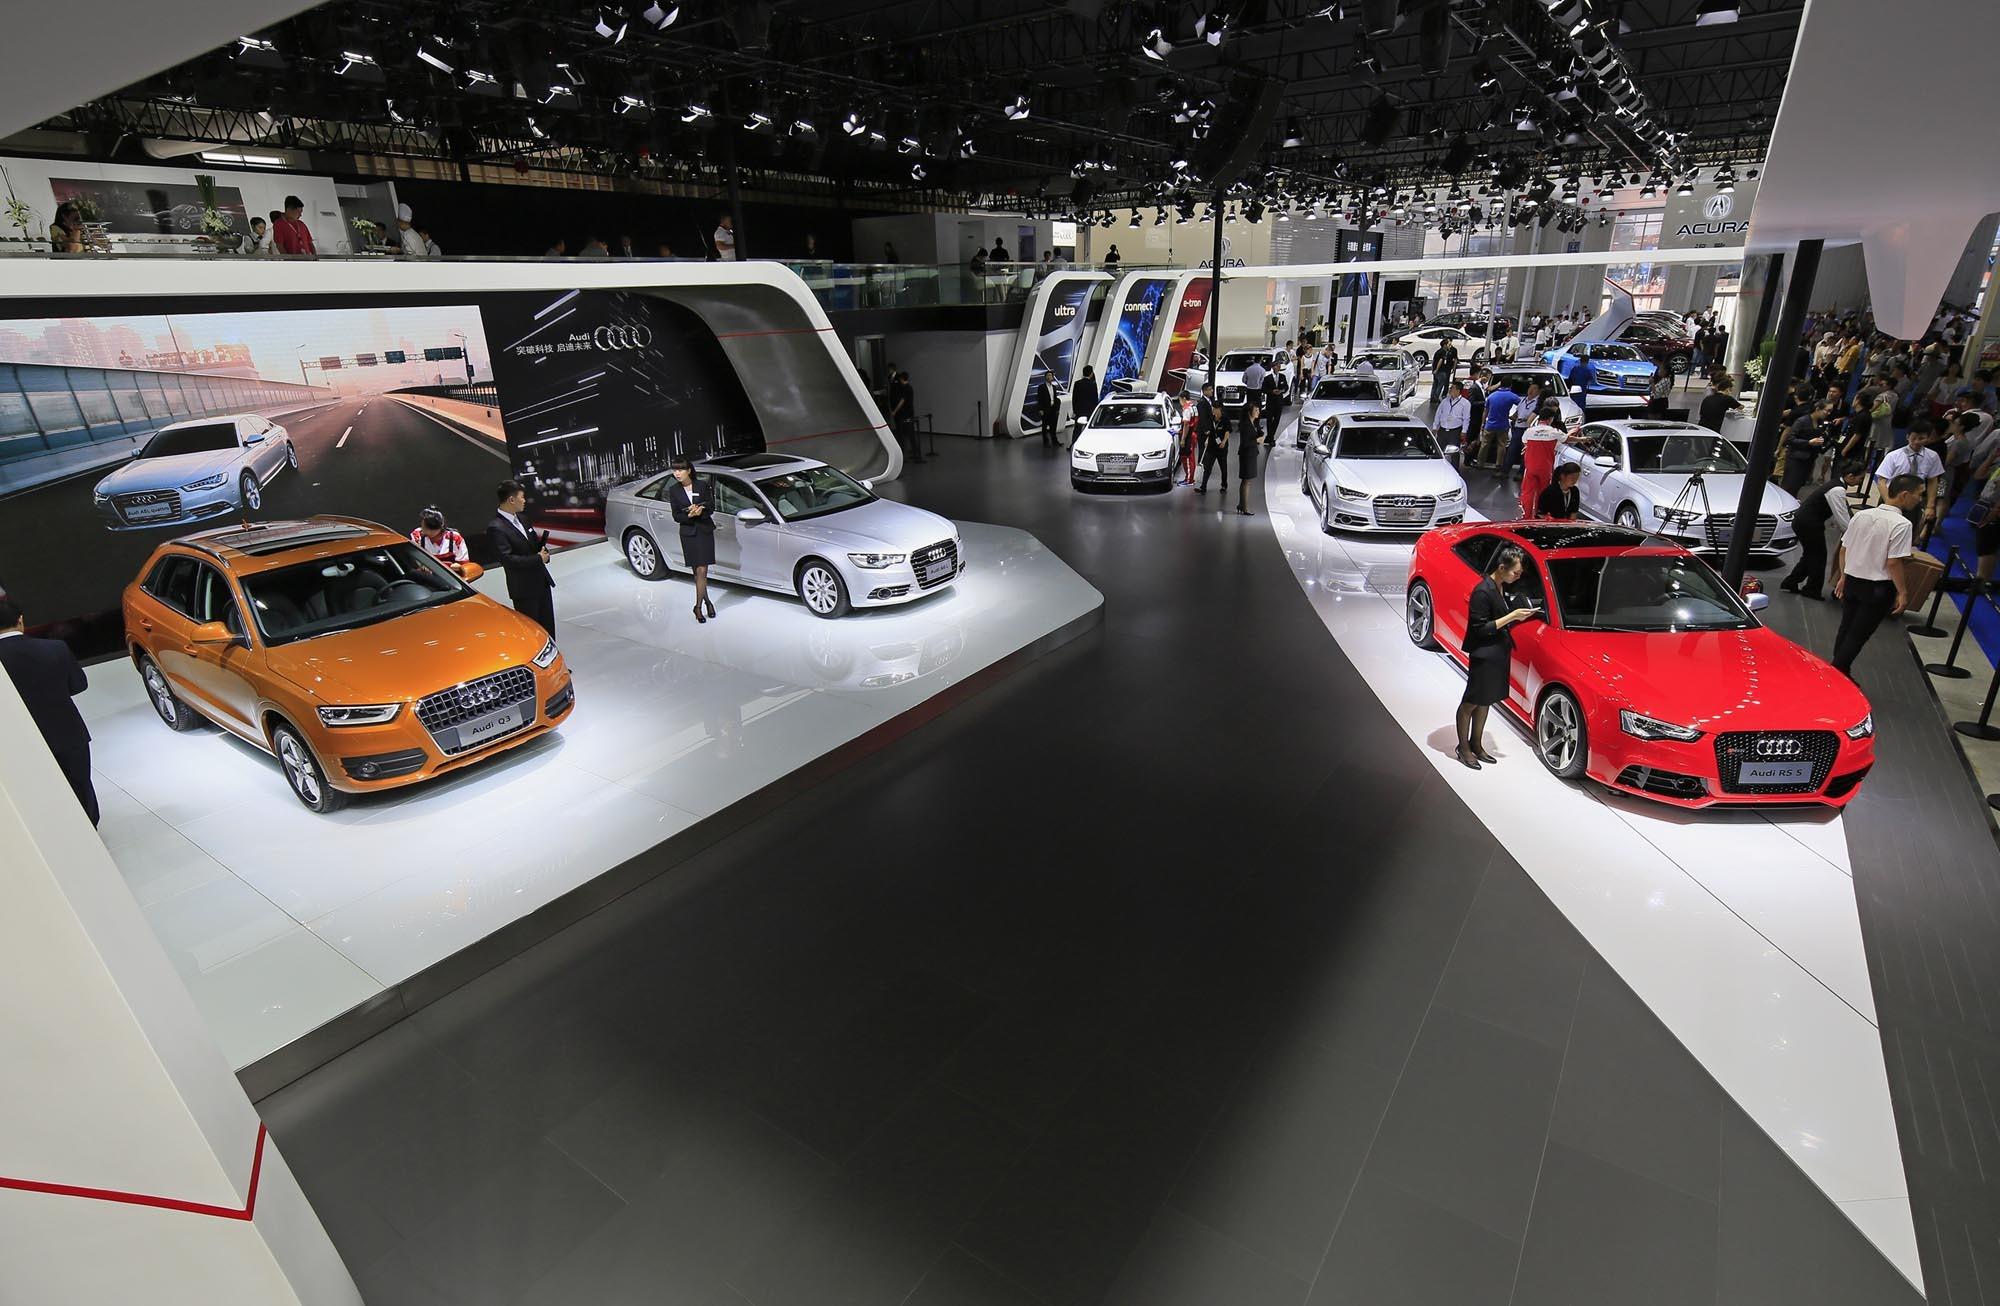 2013年长春车展,一汽-大众奥迪不仅为东北区的广大消费者带来丰富